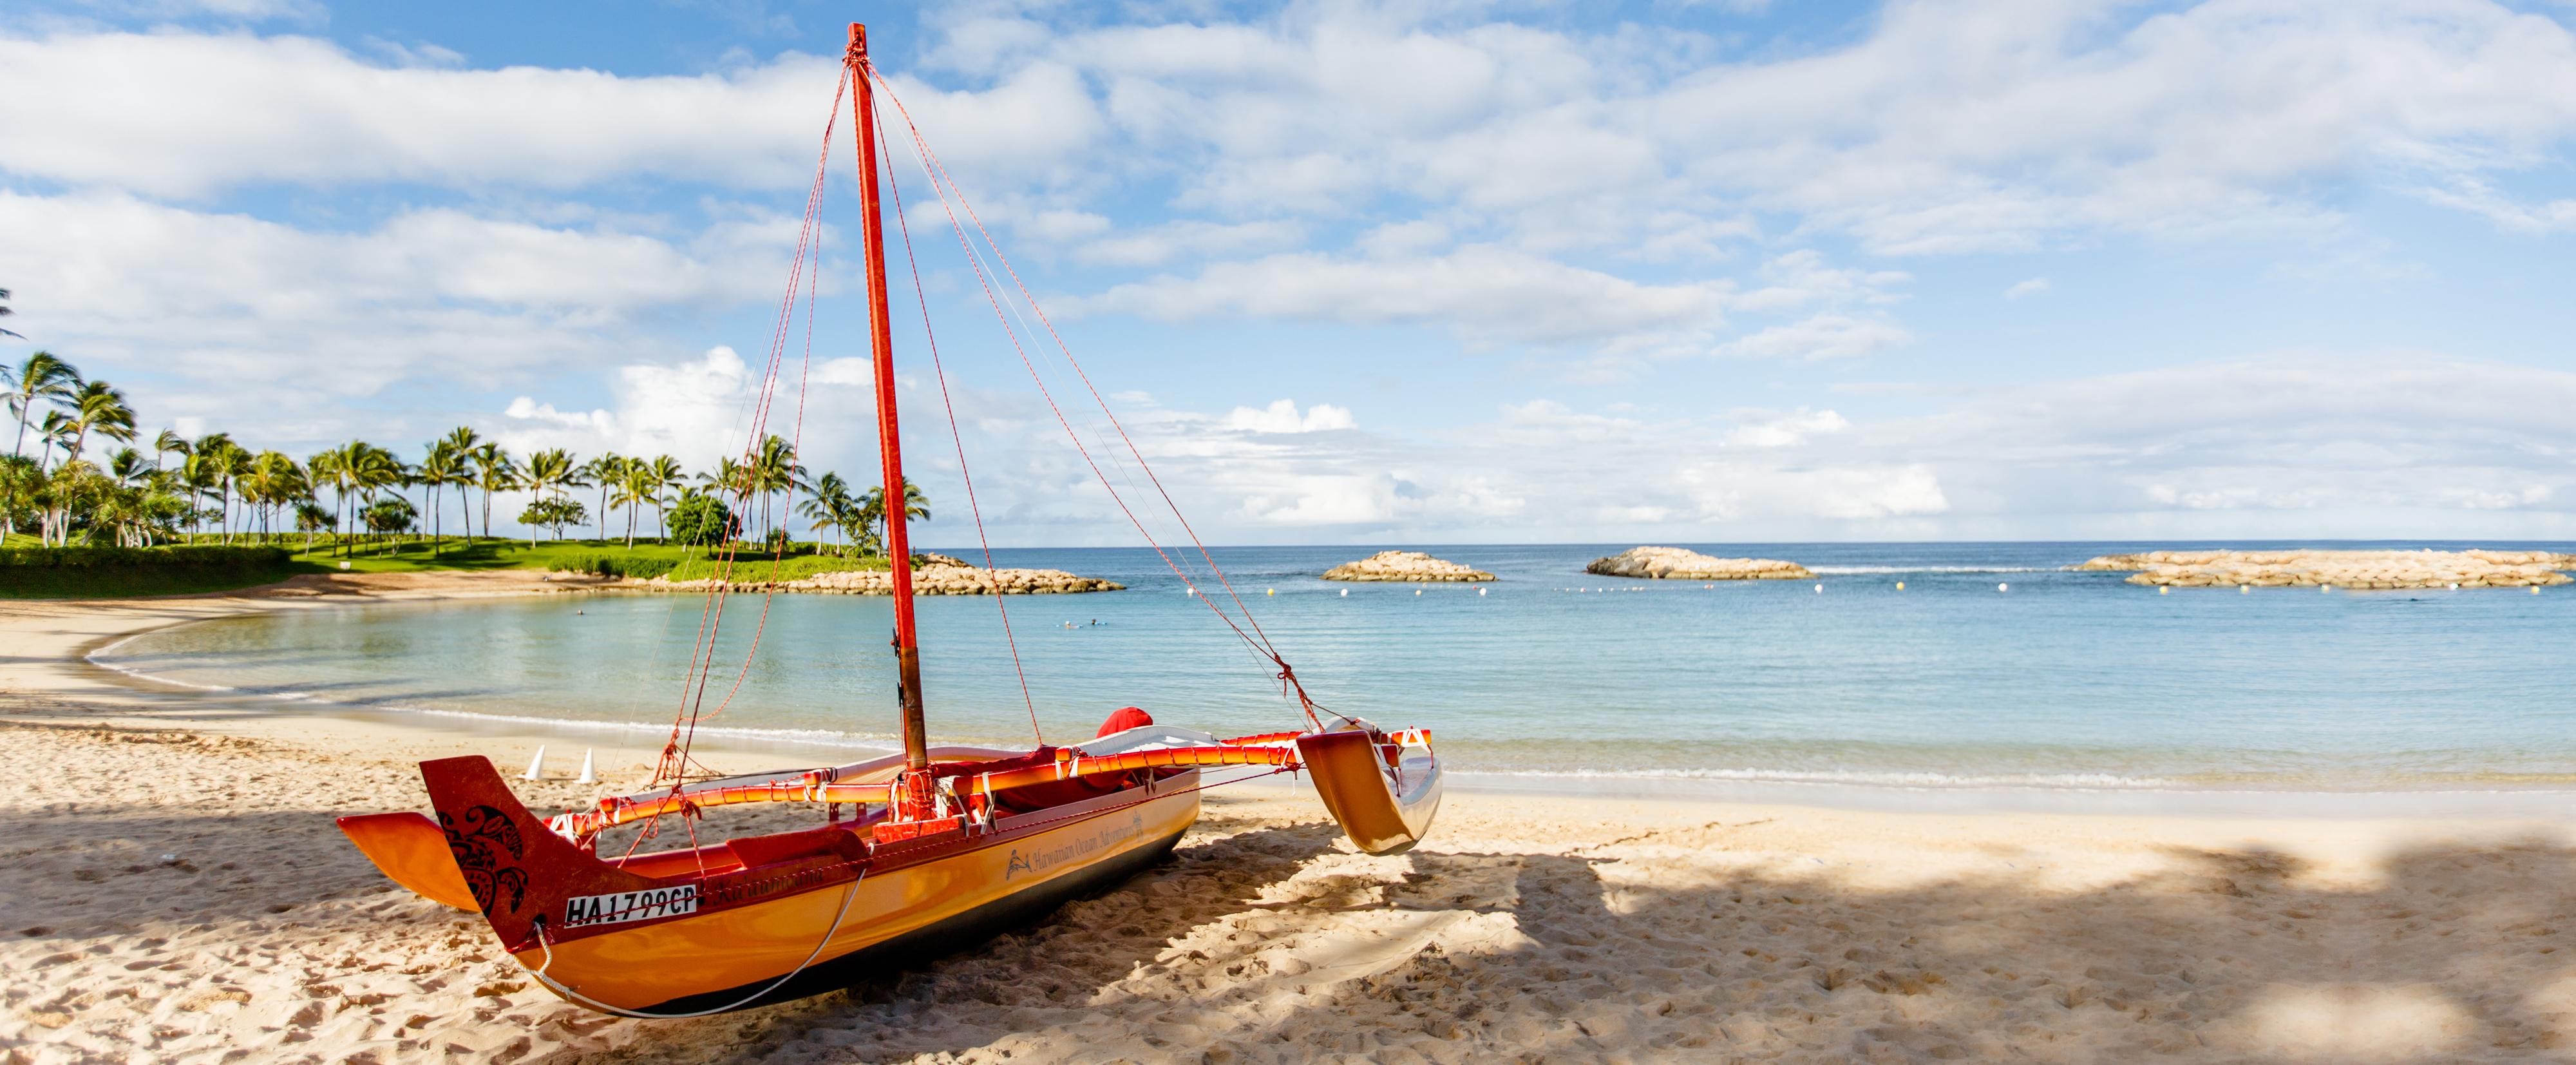 A Hawaiian Ocean Adventures sailing canoe on a sandy tropical beach, near the water's edge